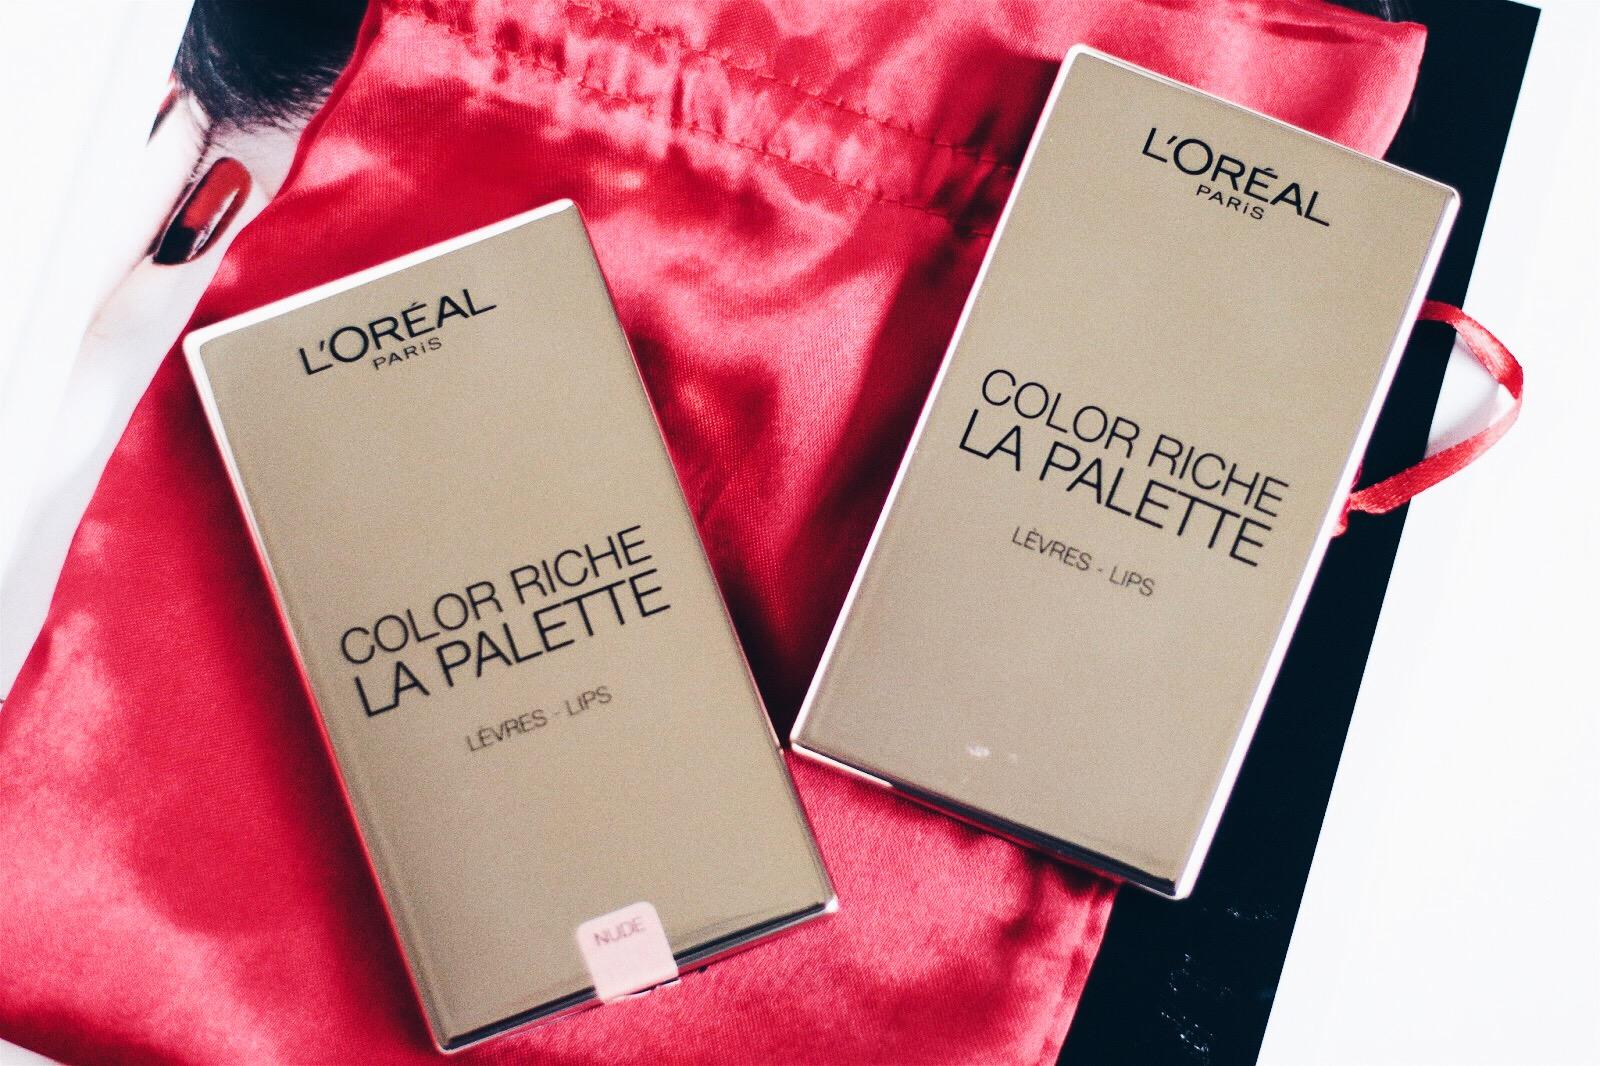 Loreal Paris La Palette Au Top Kleo Beauté